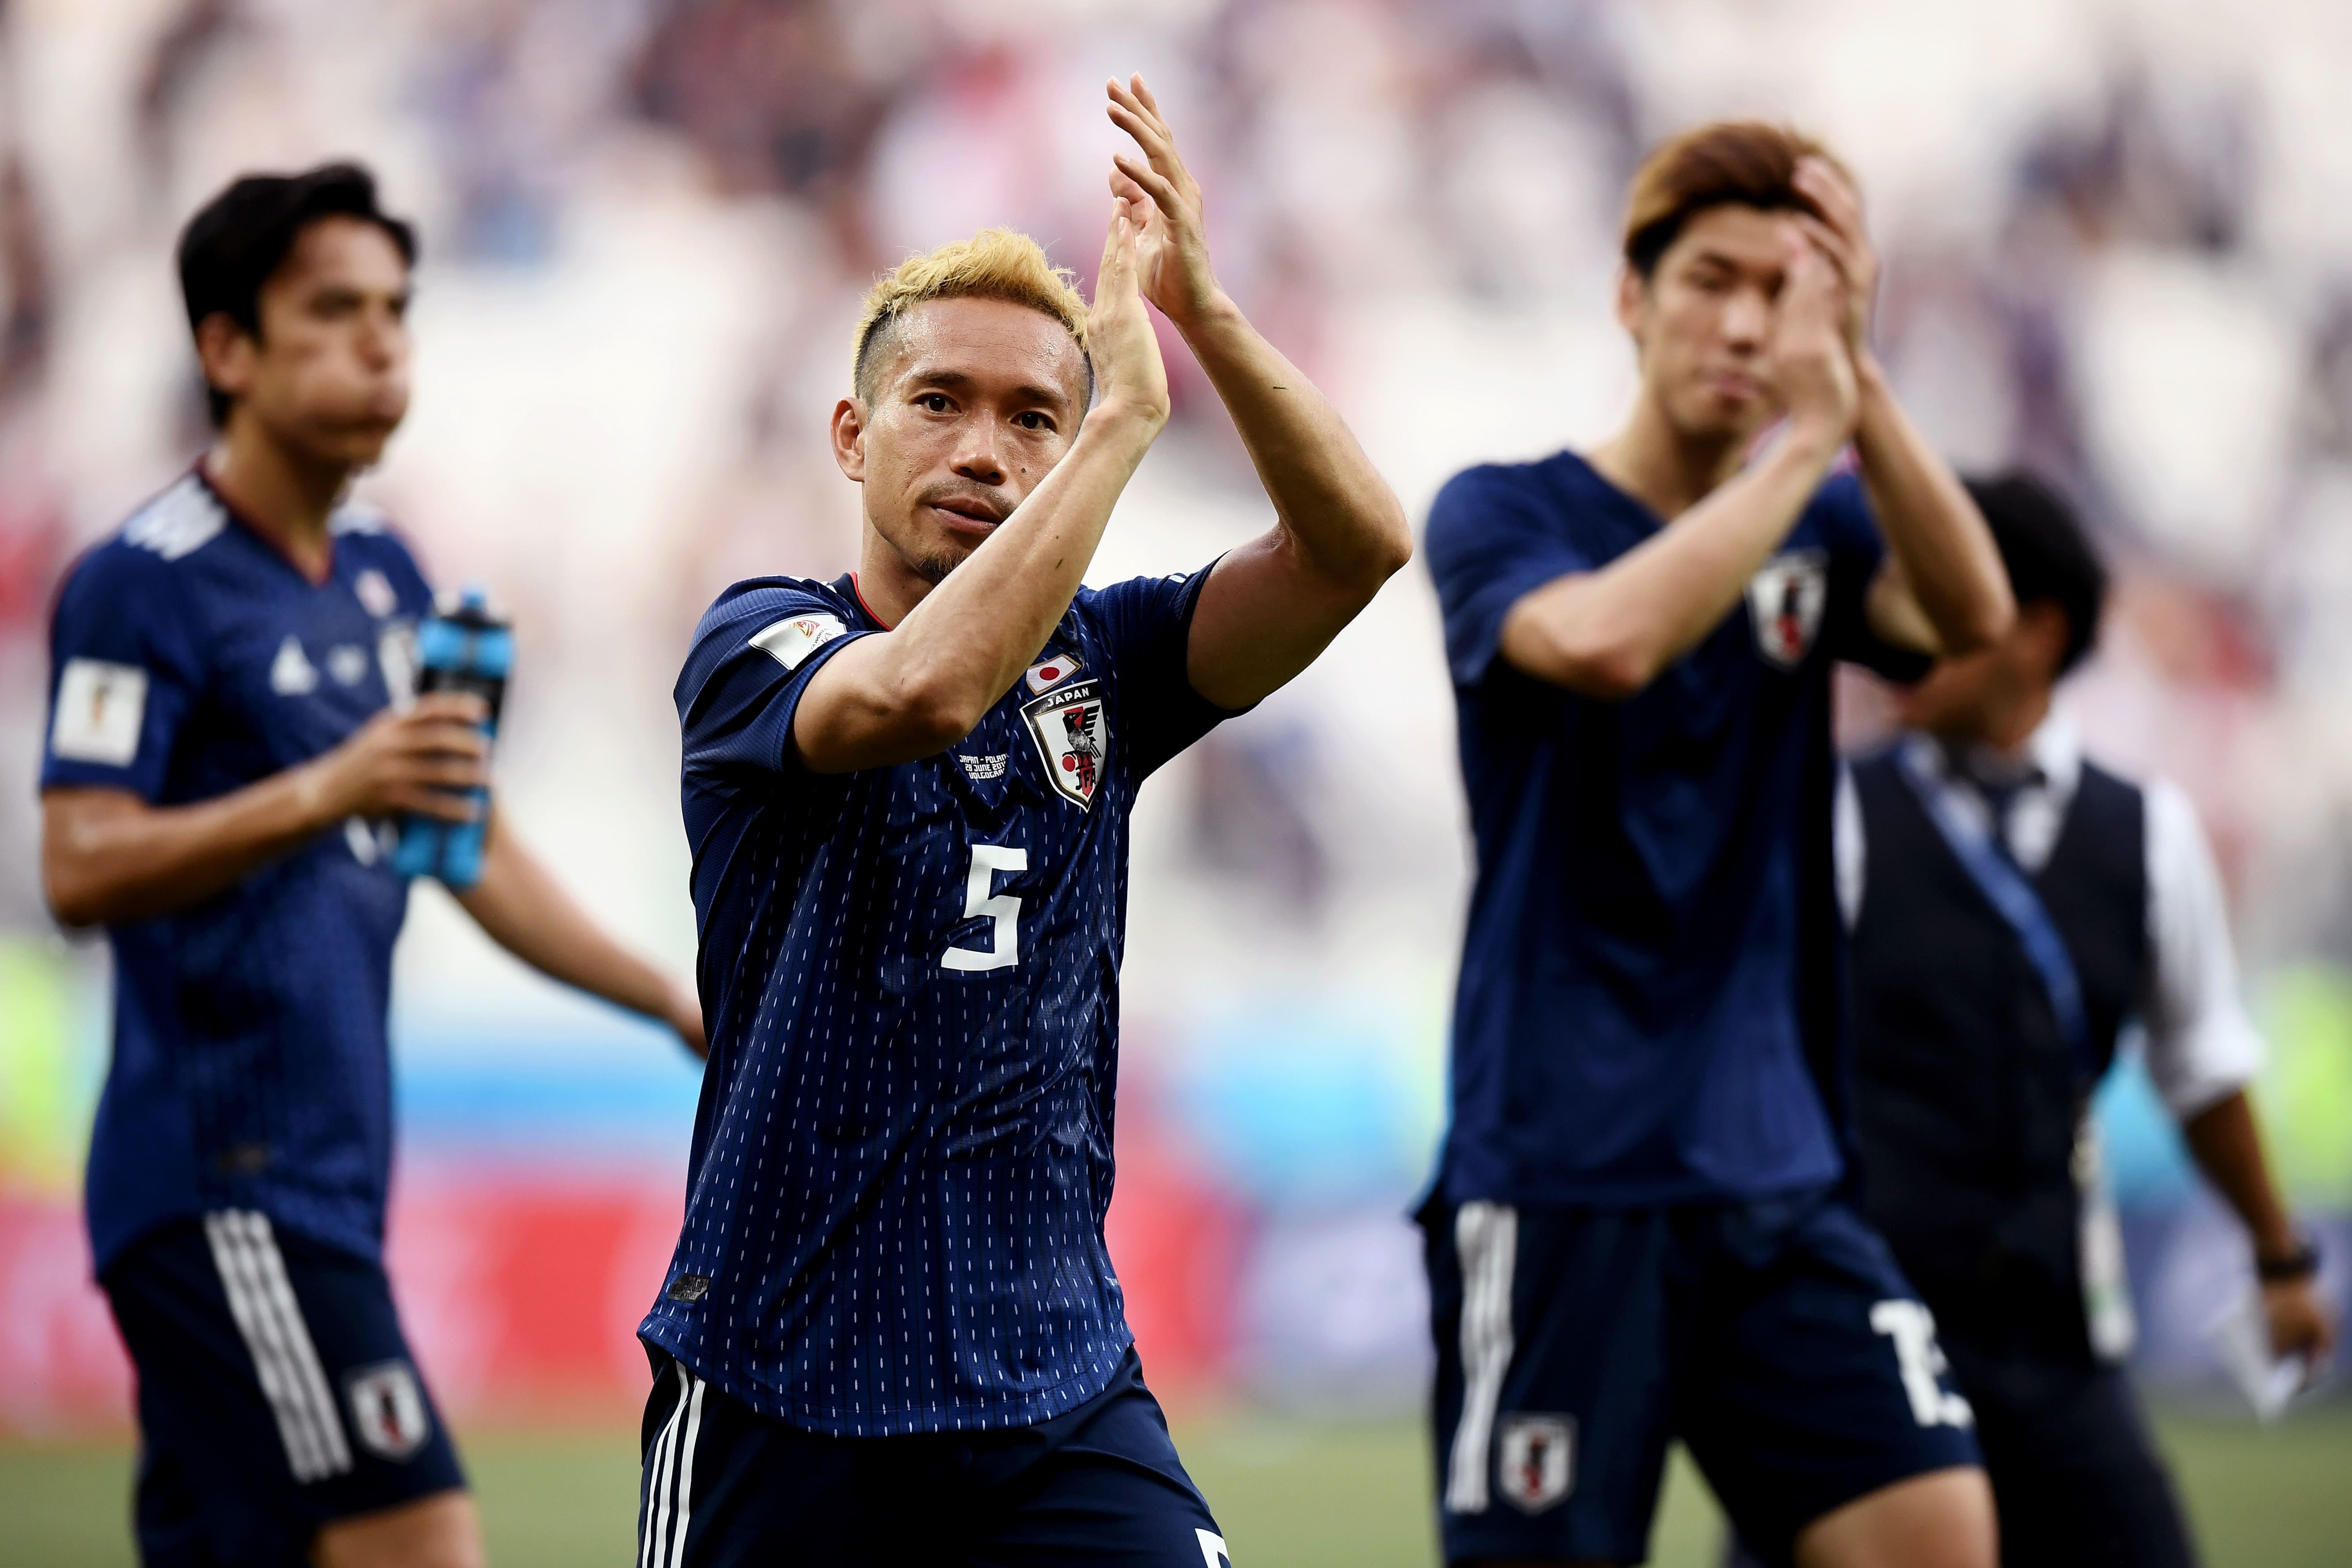 集中力を保った日本 GK川島も渾身のセーブ